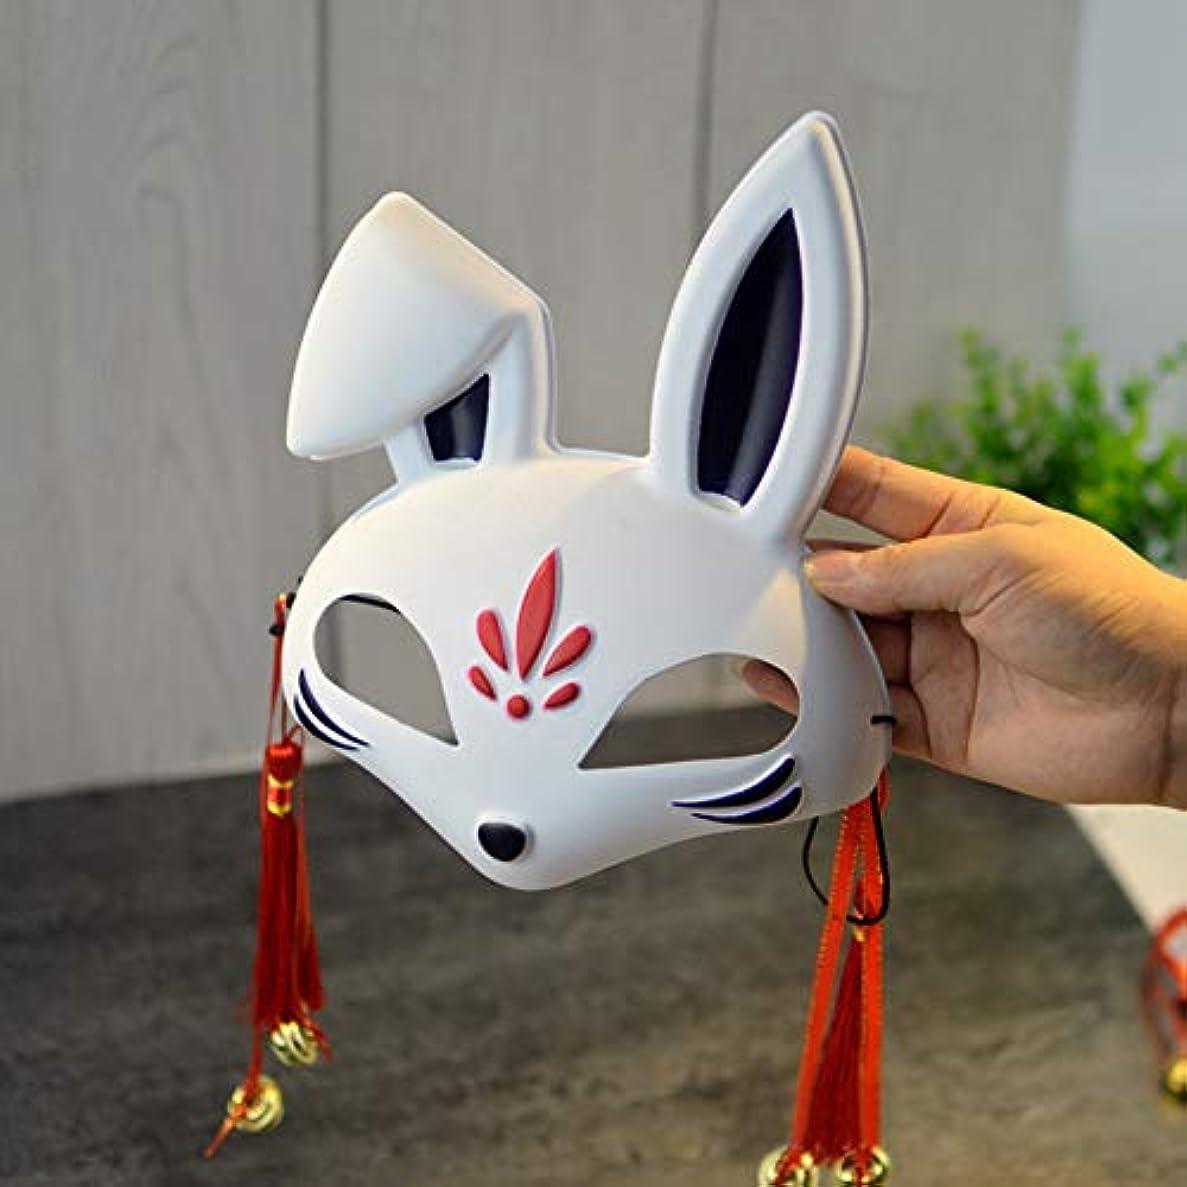 旧正月見習い成果Esolom うさぎマスク 半顔 ロールプレイングマスク ハロウィーン仮装衣装 PVCストリートダンスマスク 手描きのマスク 仮面舞踏会マスク